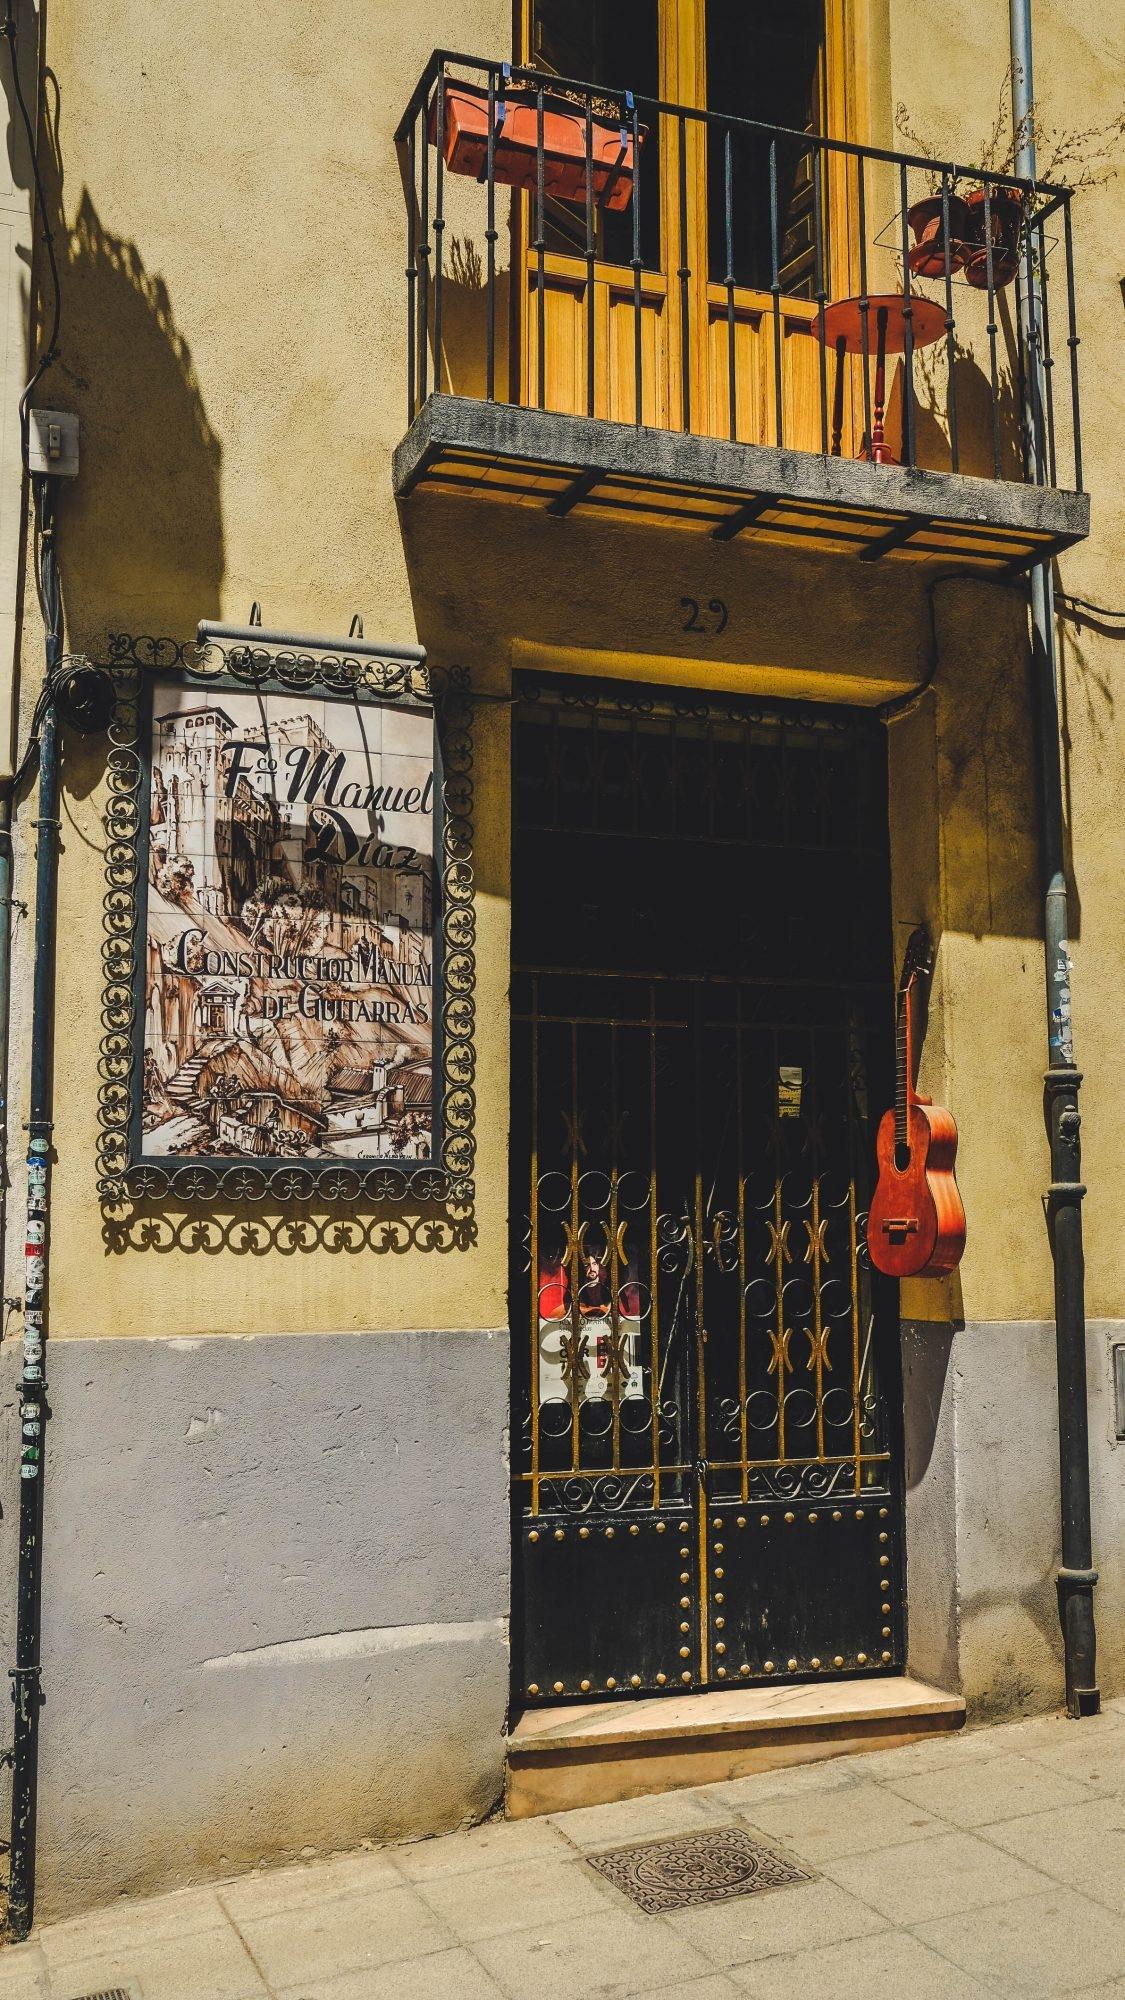 Vendeur de Guitares, Grenade Andalousie